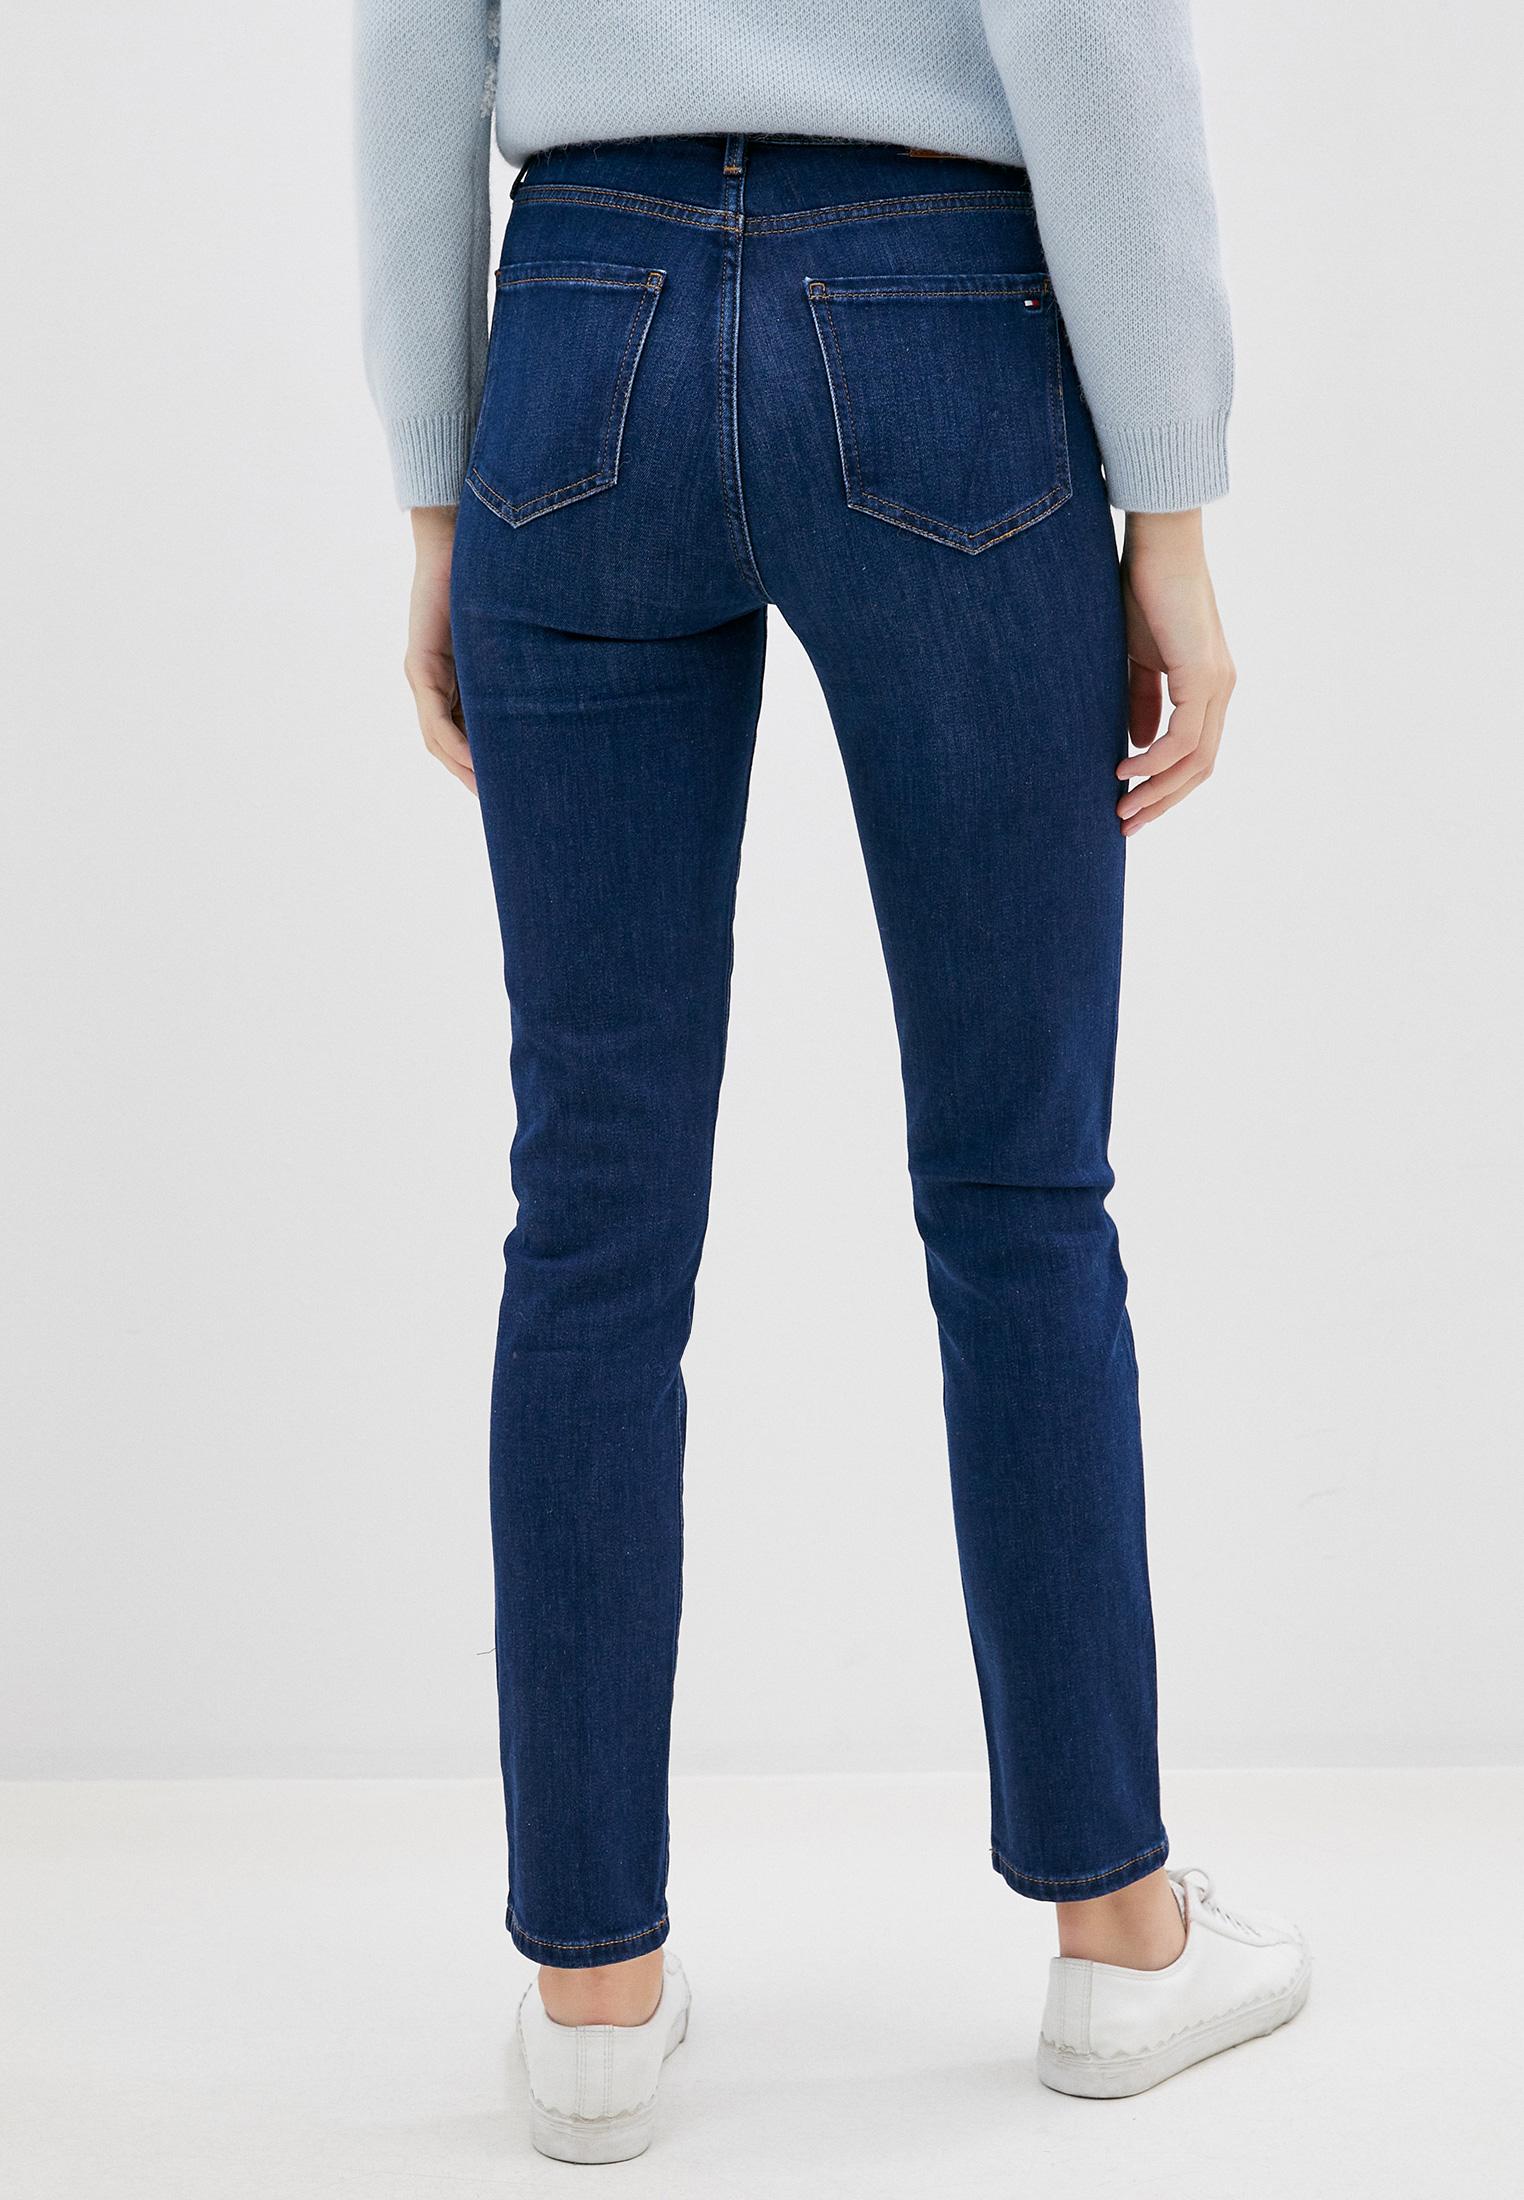 Зауженные джинсы Tommy Hilfiger (Томми Хилфигер) WW0WW28829: изображение 3